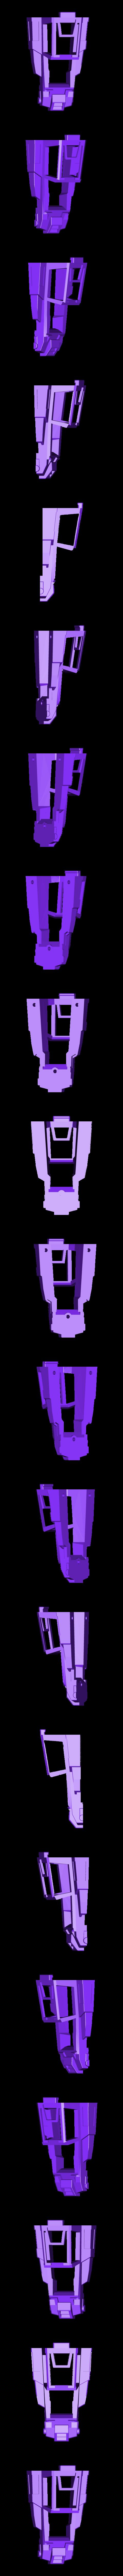 canopy v3 pt1.stl Download free STL file TRANSFORMERS G1 ROTORSTORM ARTICULATION UPGRADE KIT • 3D printable design, sickofyou